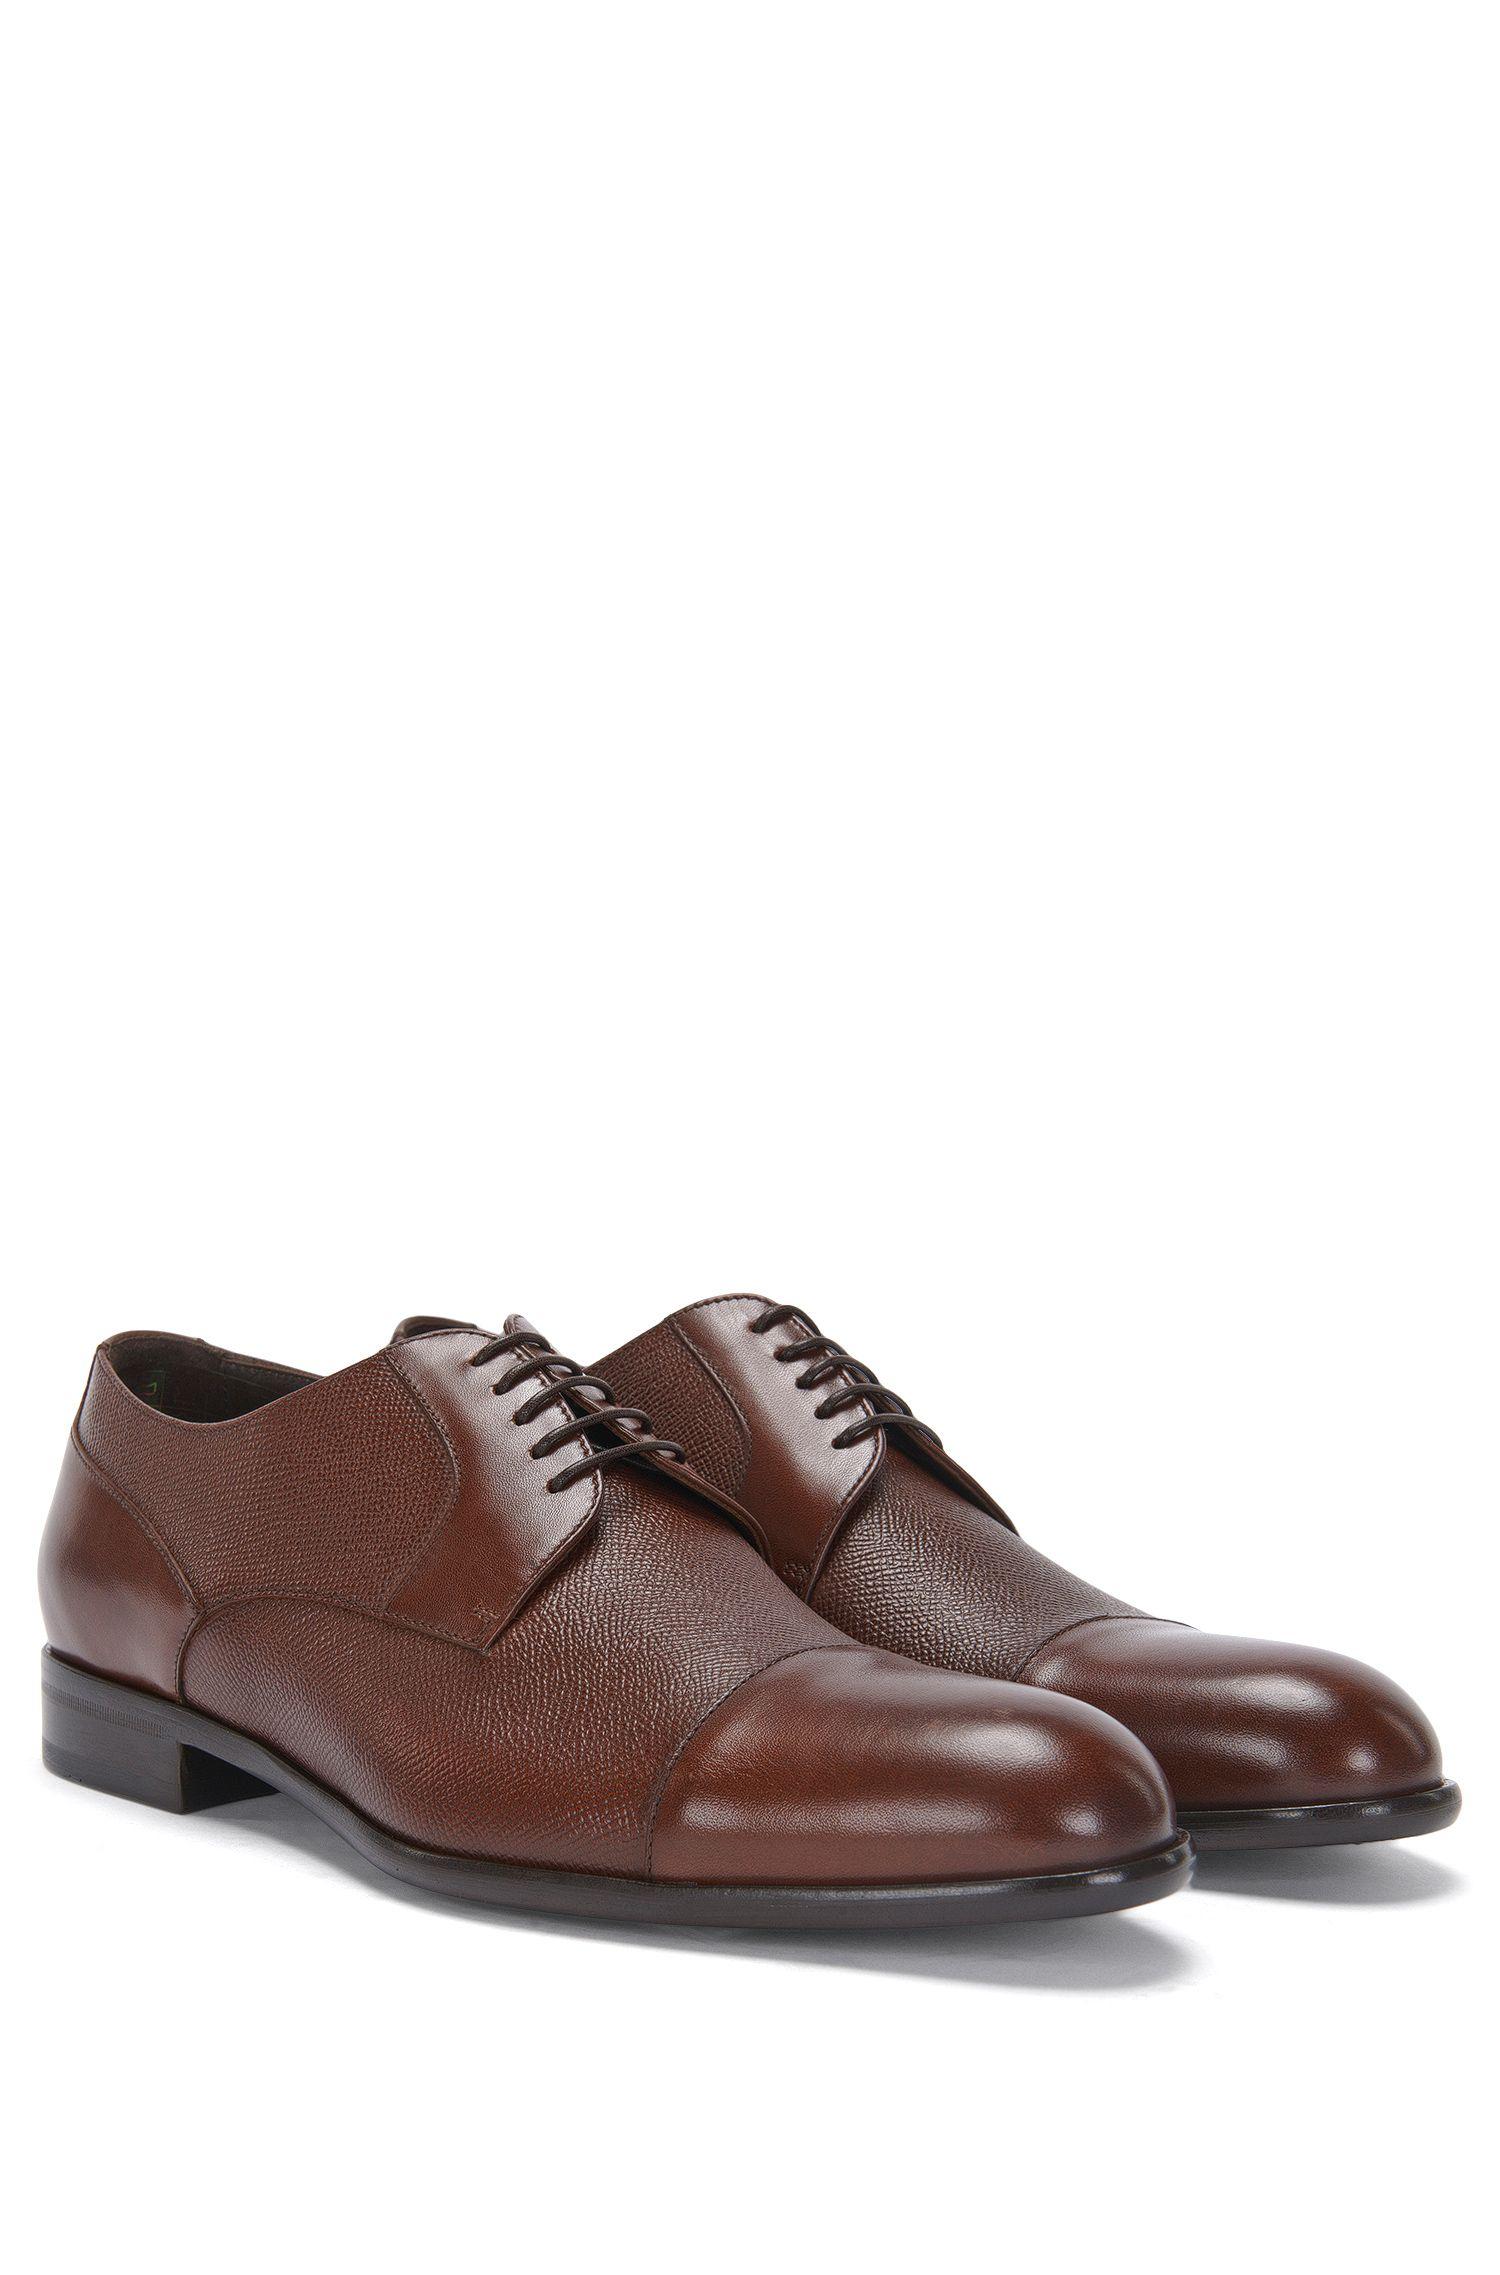 'Manhattan Derb Prct' | Italian Calfskin Derby Dress Shoes